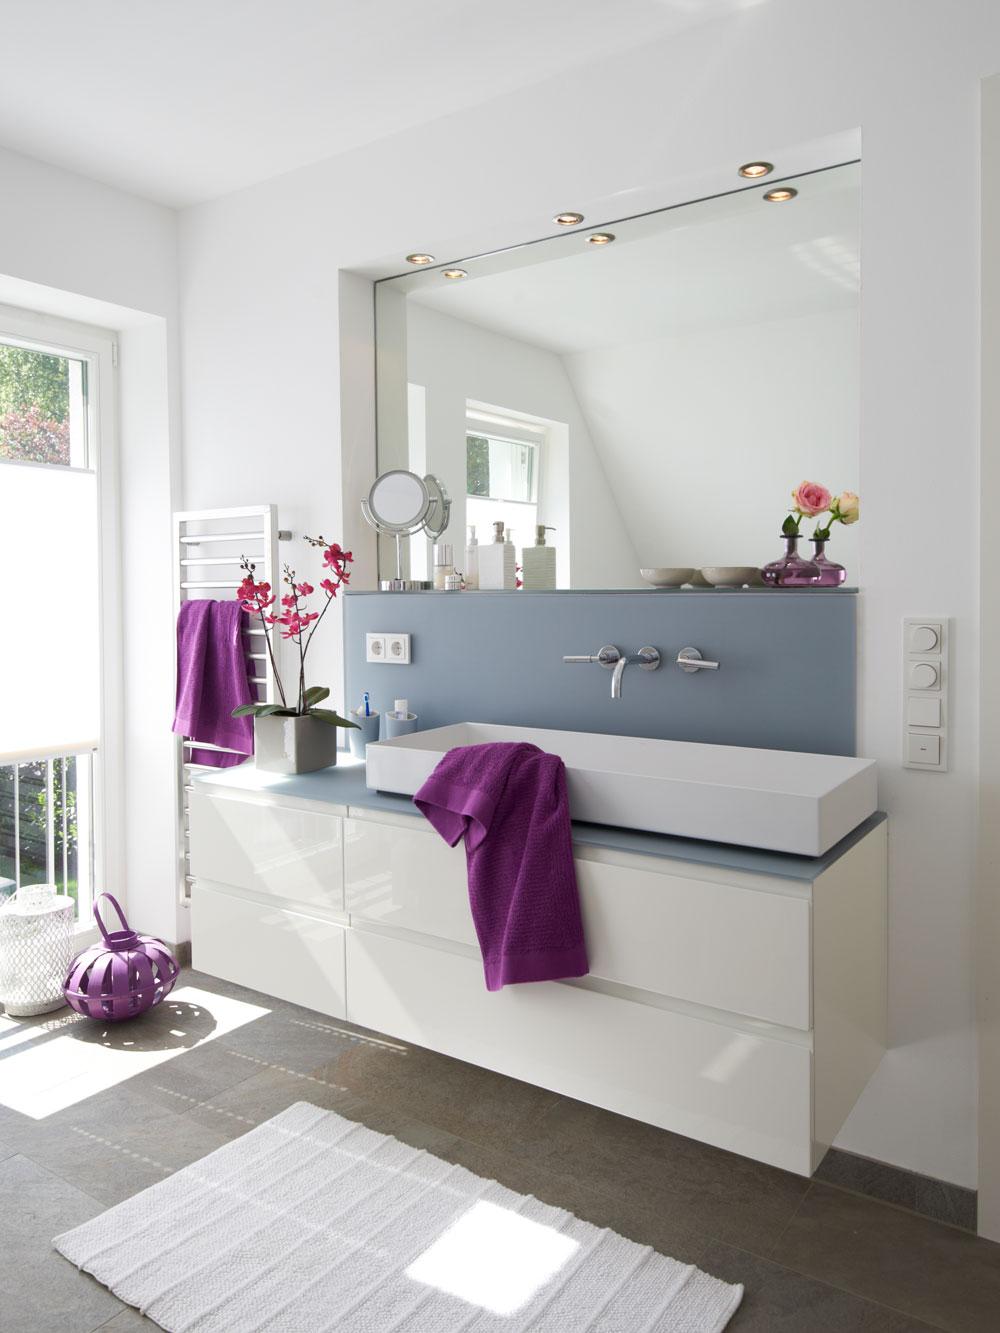 villa im landhausstil. Black Bedroom Furniture Sets. Home Design Ideas